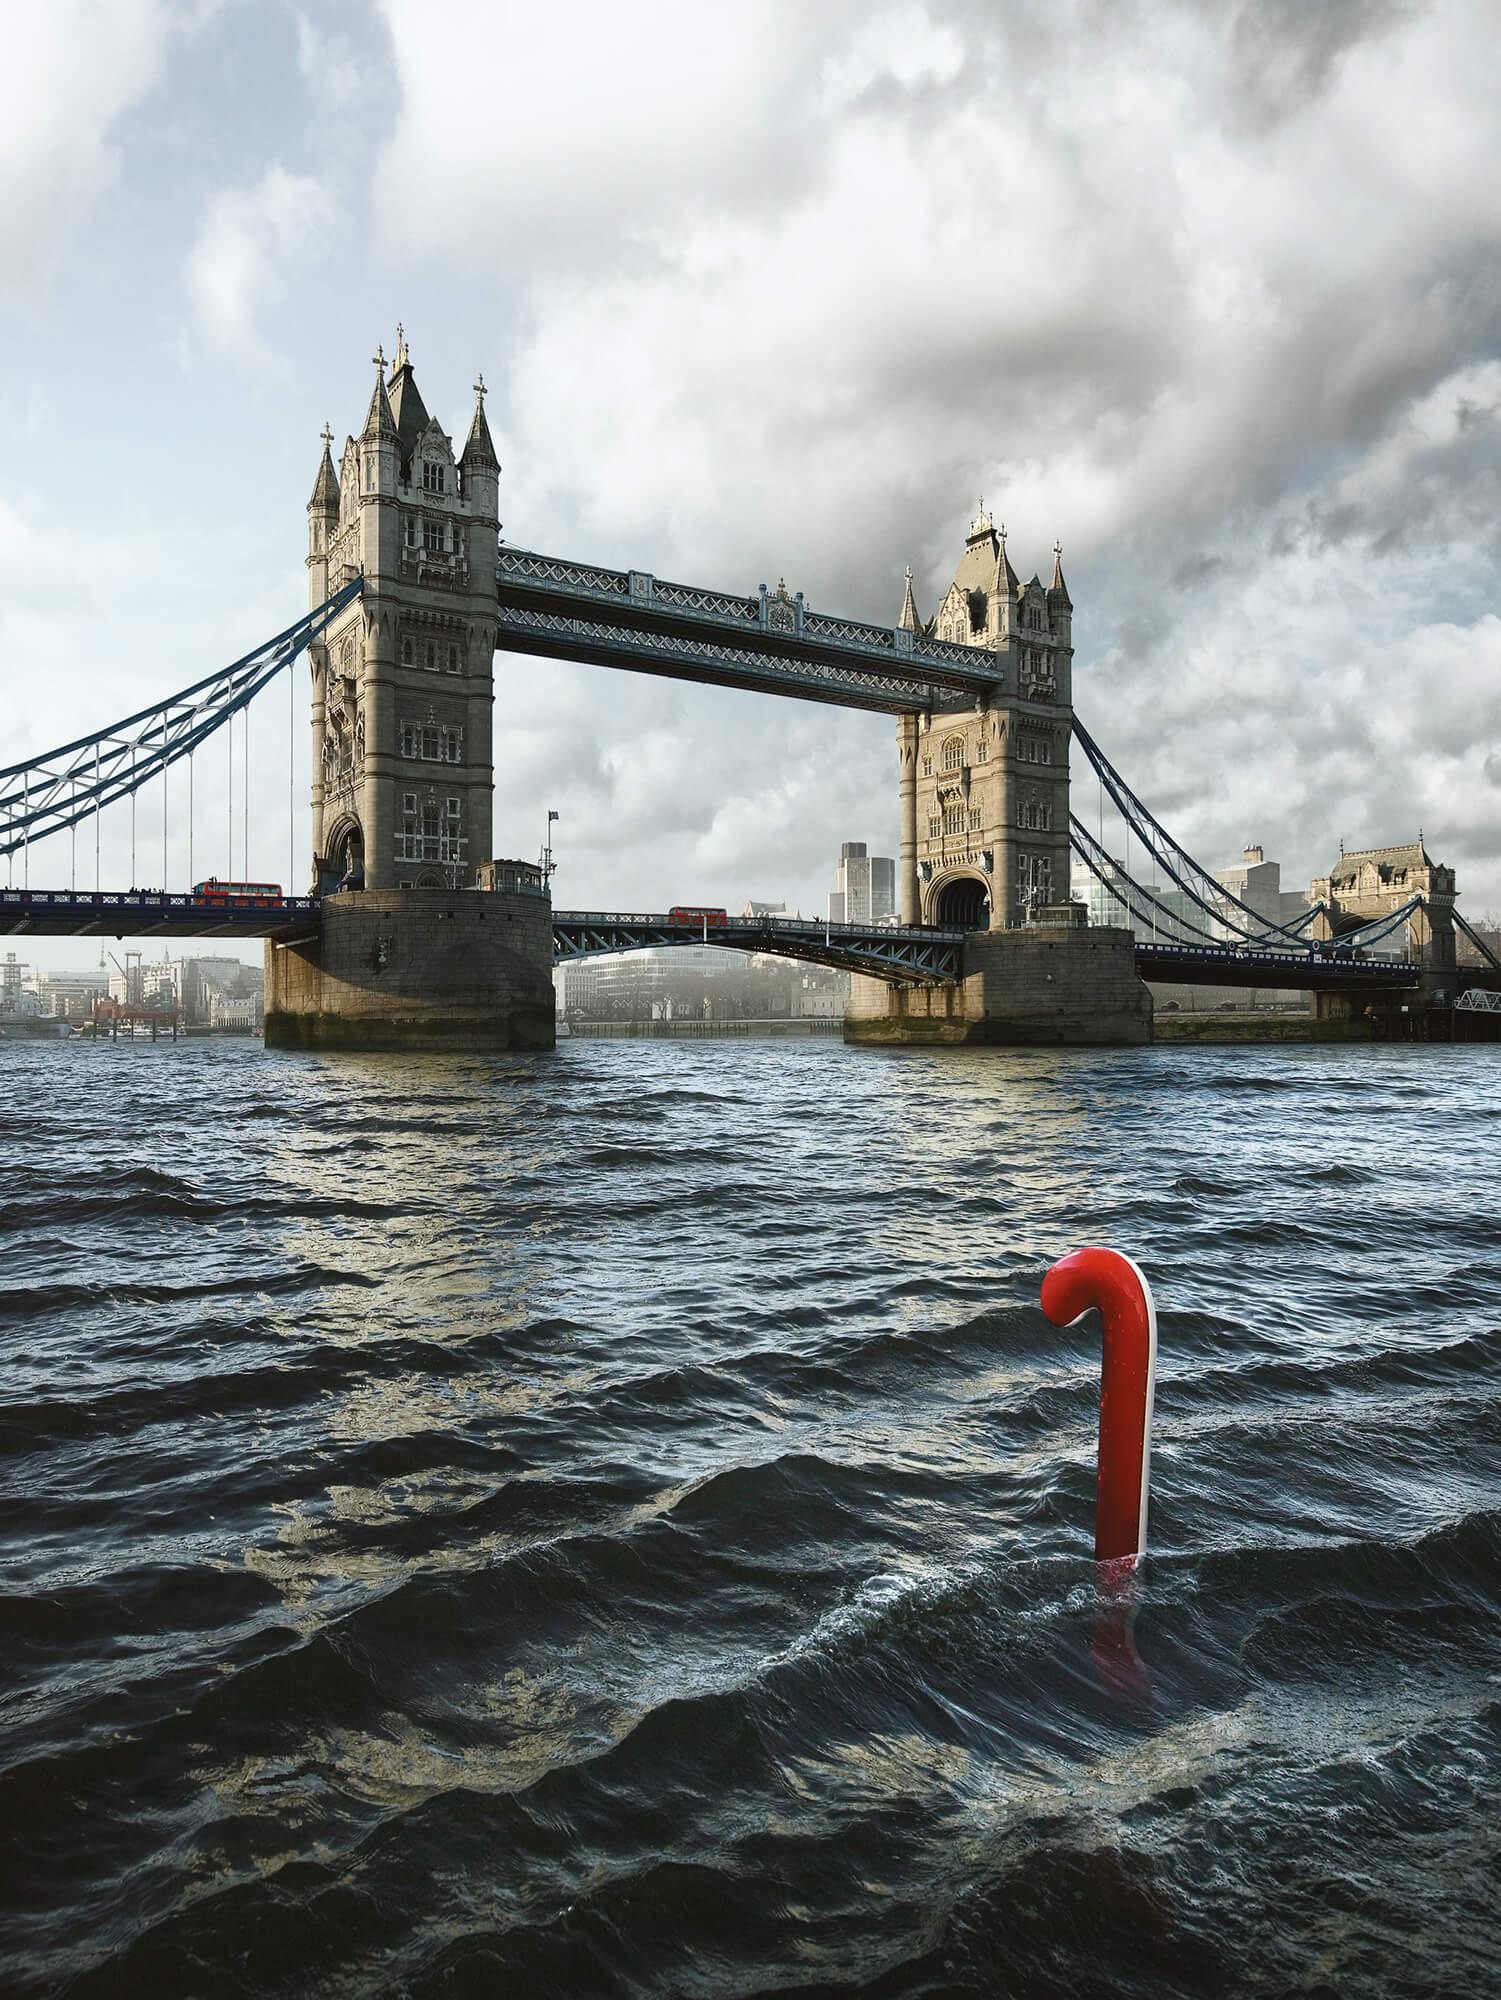 Submarine by Geert de Taeye